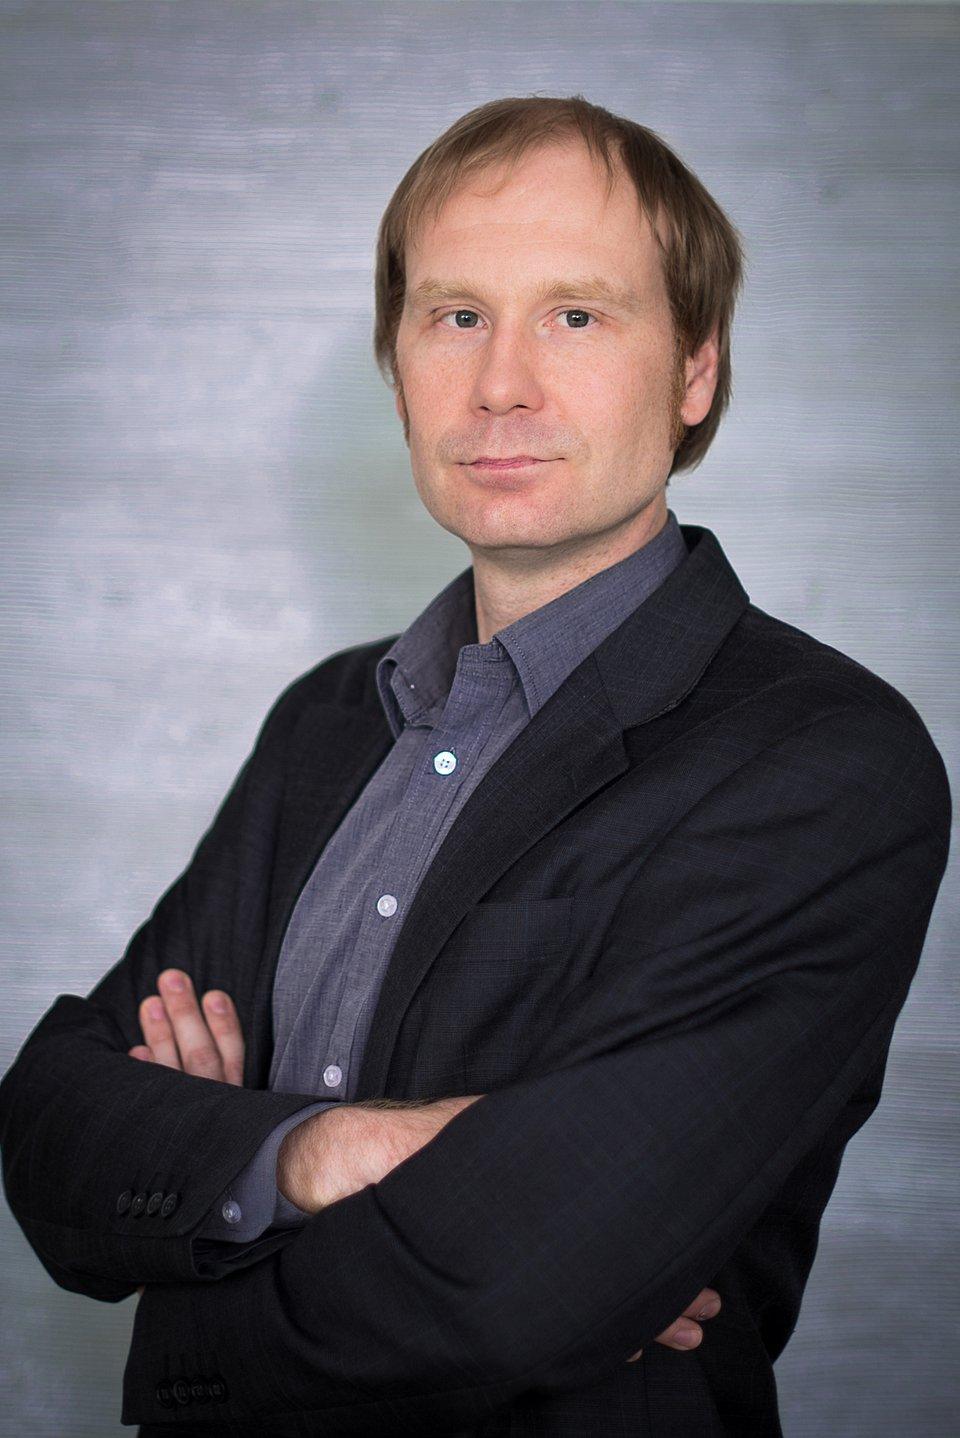 Szymon Kołodziejczyk